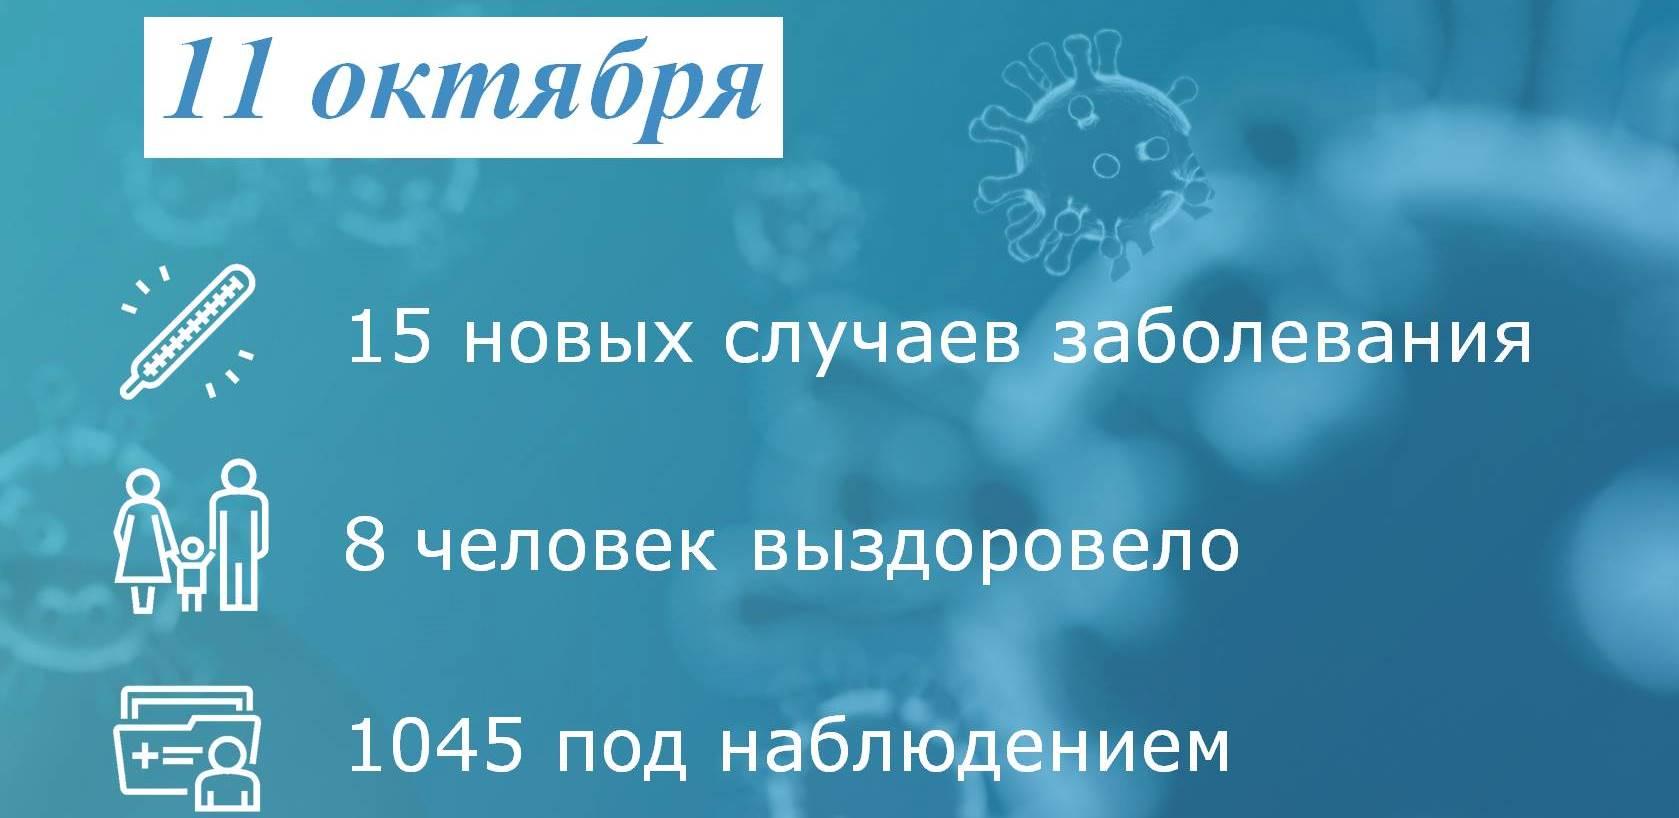 Коронавирус: в Таганроге заболели 15 человек